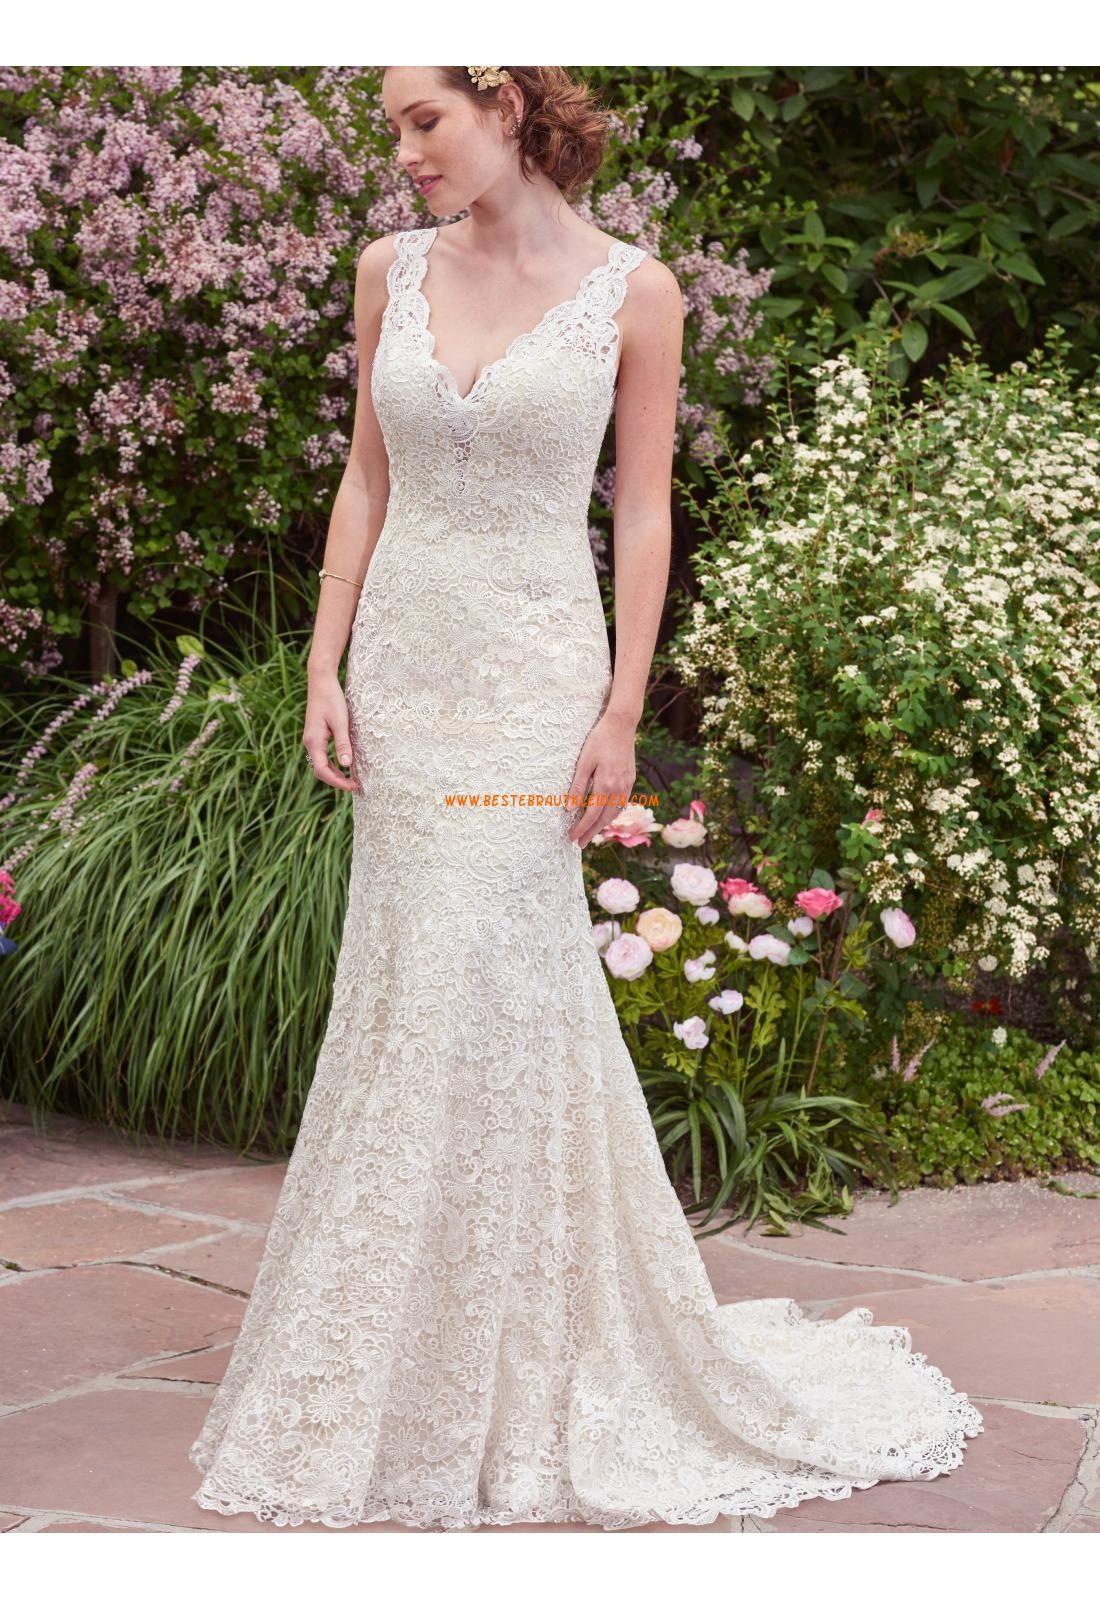 Meerjungfrau V-ausschnitt Glamouröse Brautkleider aus Spitze mit ...